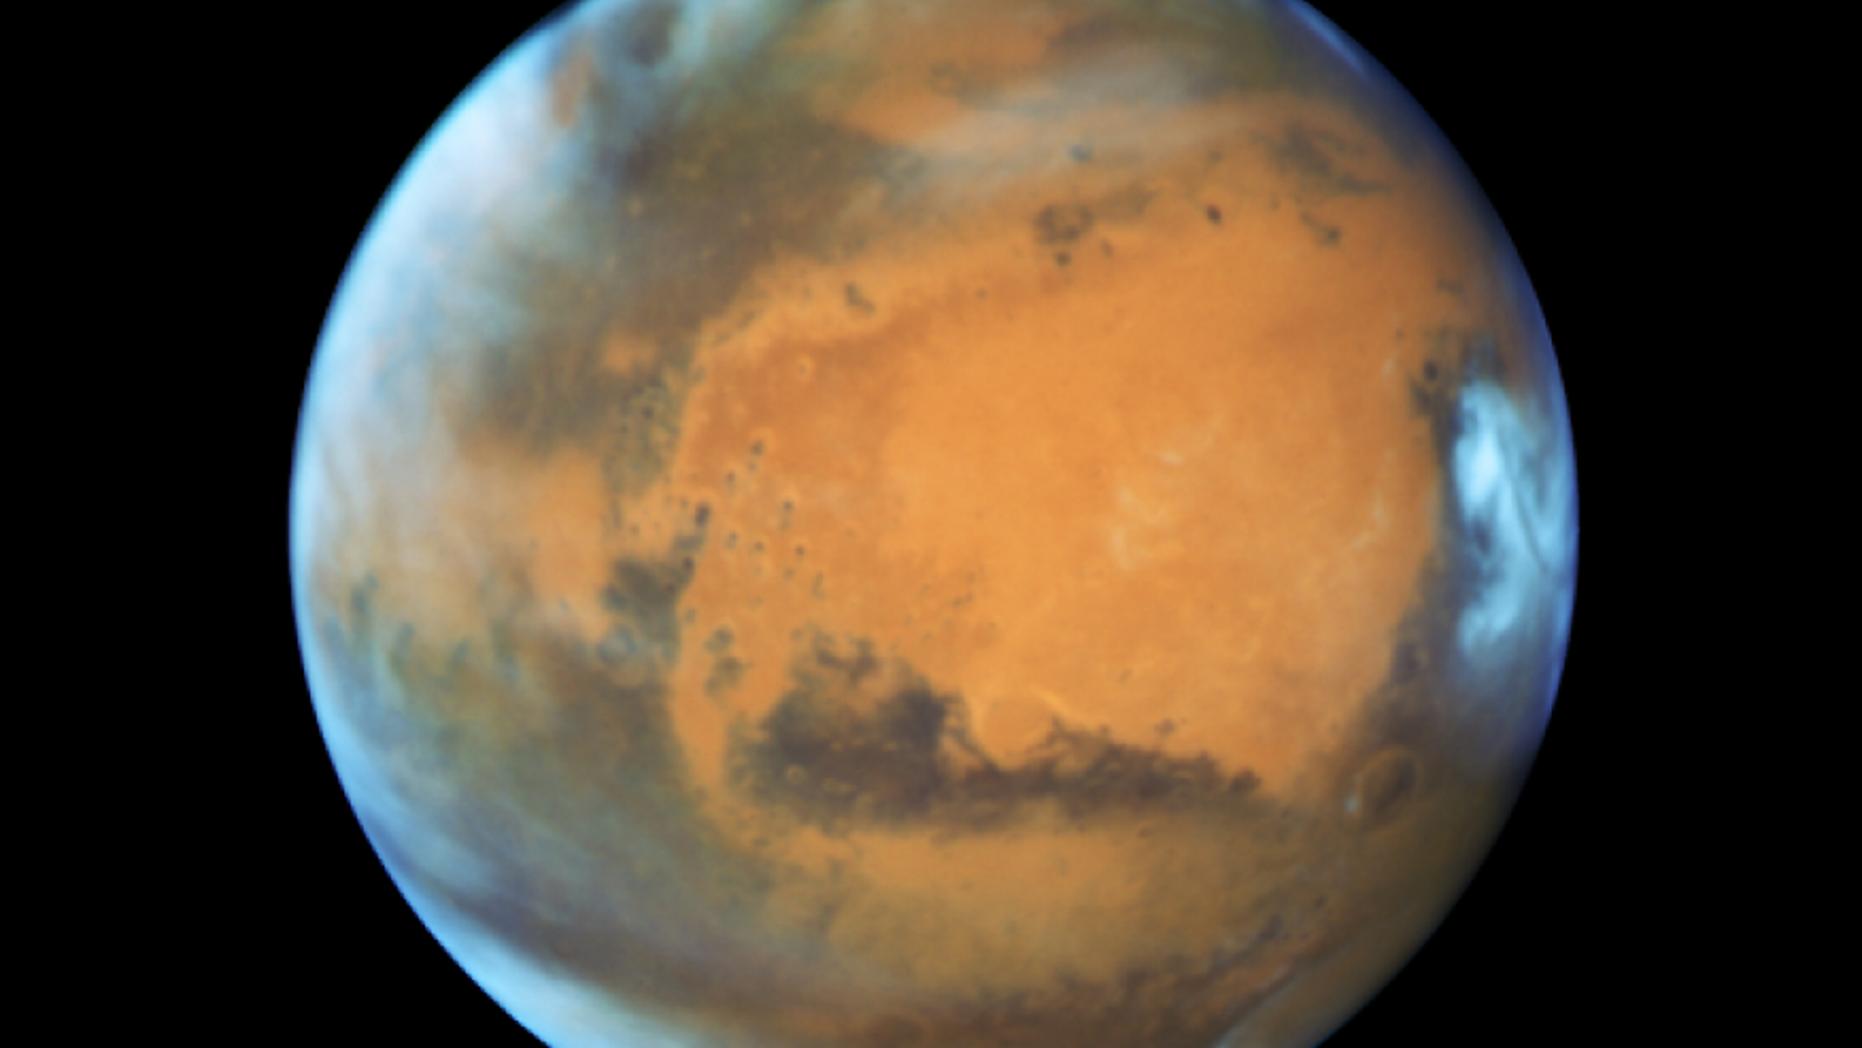 Mars in opposition 2016.